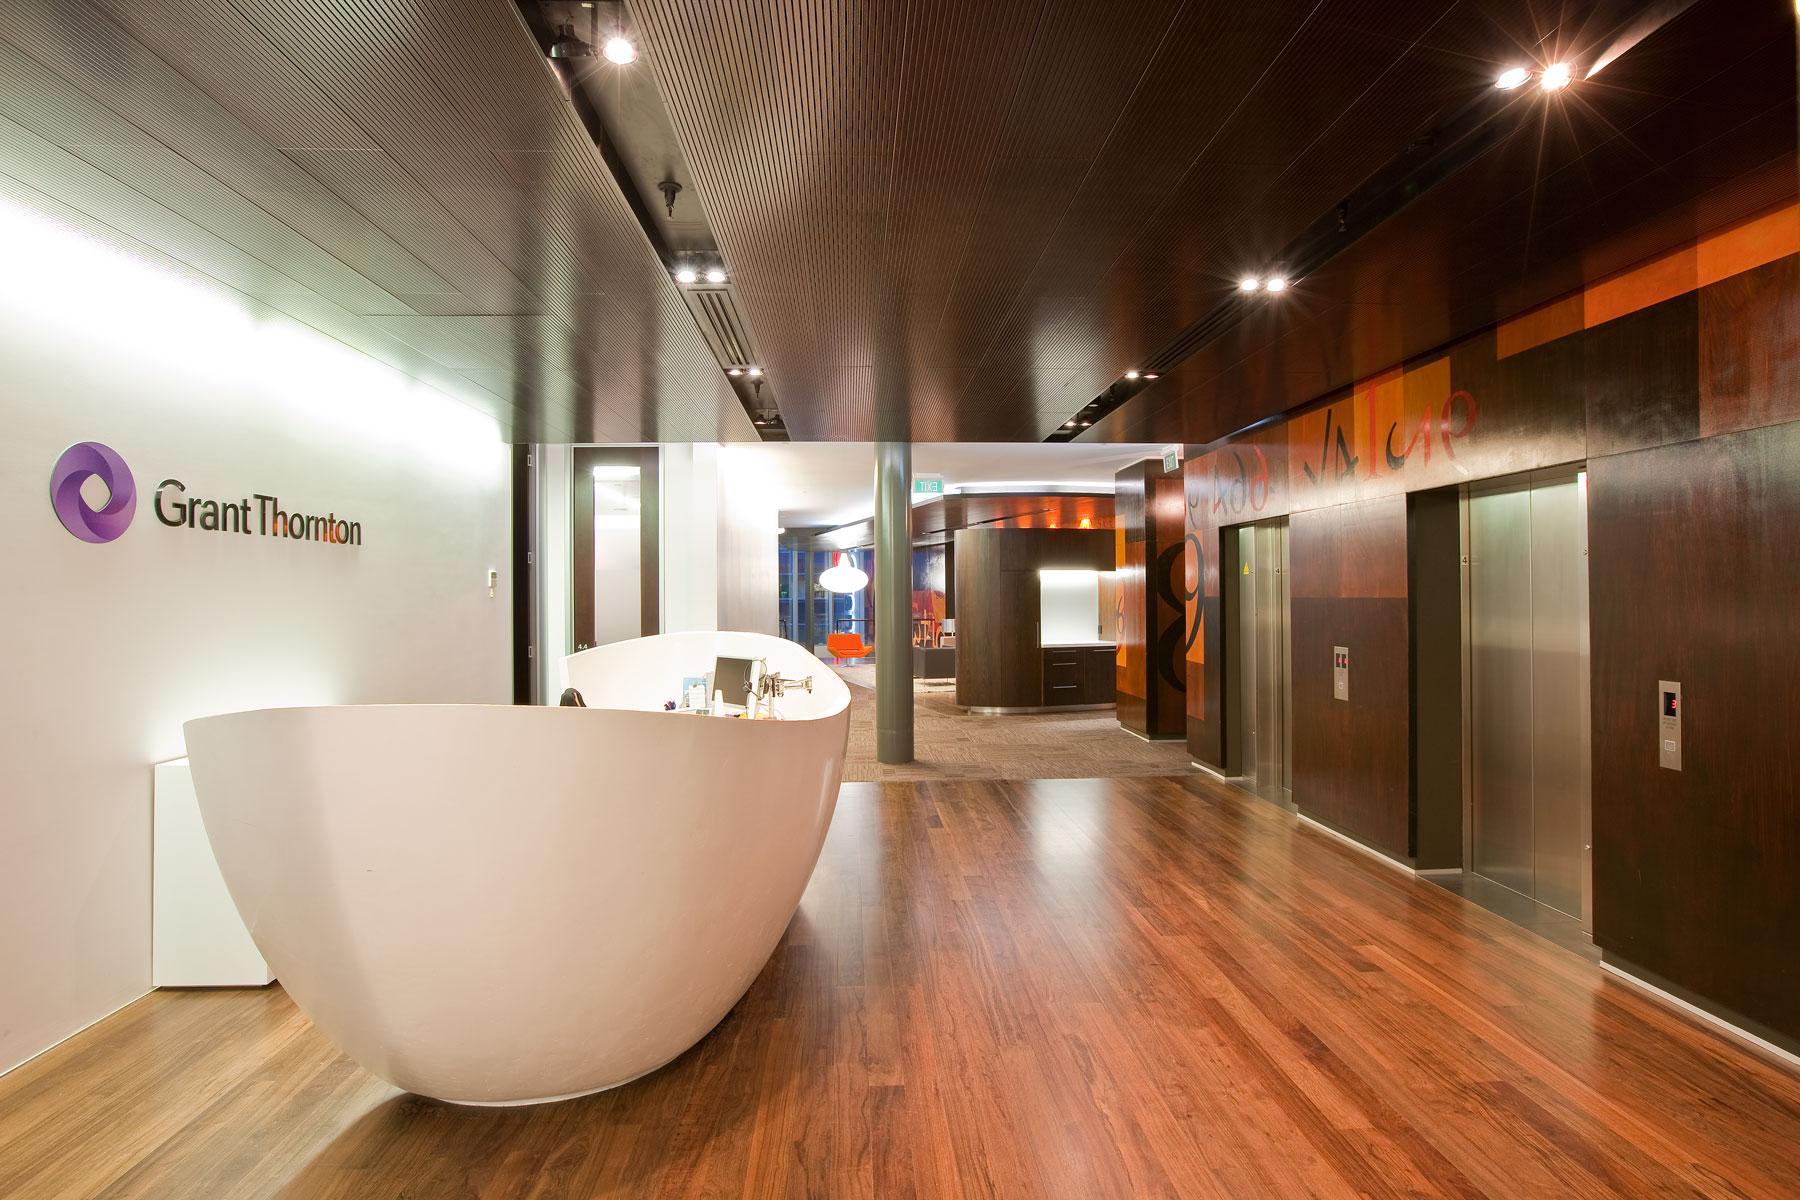 G  Leuschke Kahn Architects_GrantThornton LKA__13Y7982.jpg